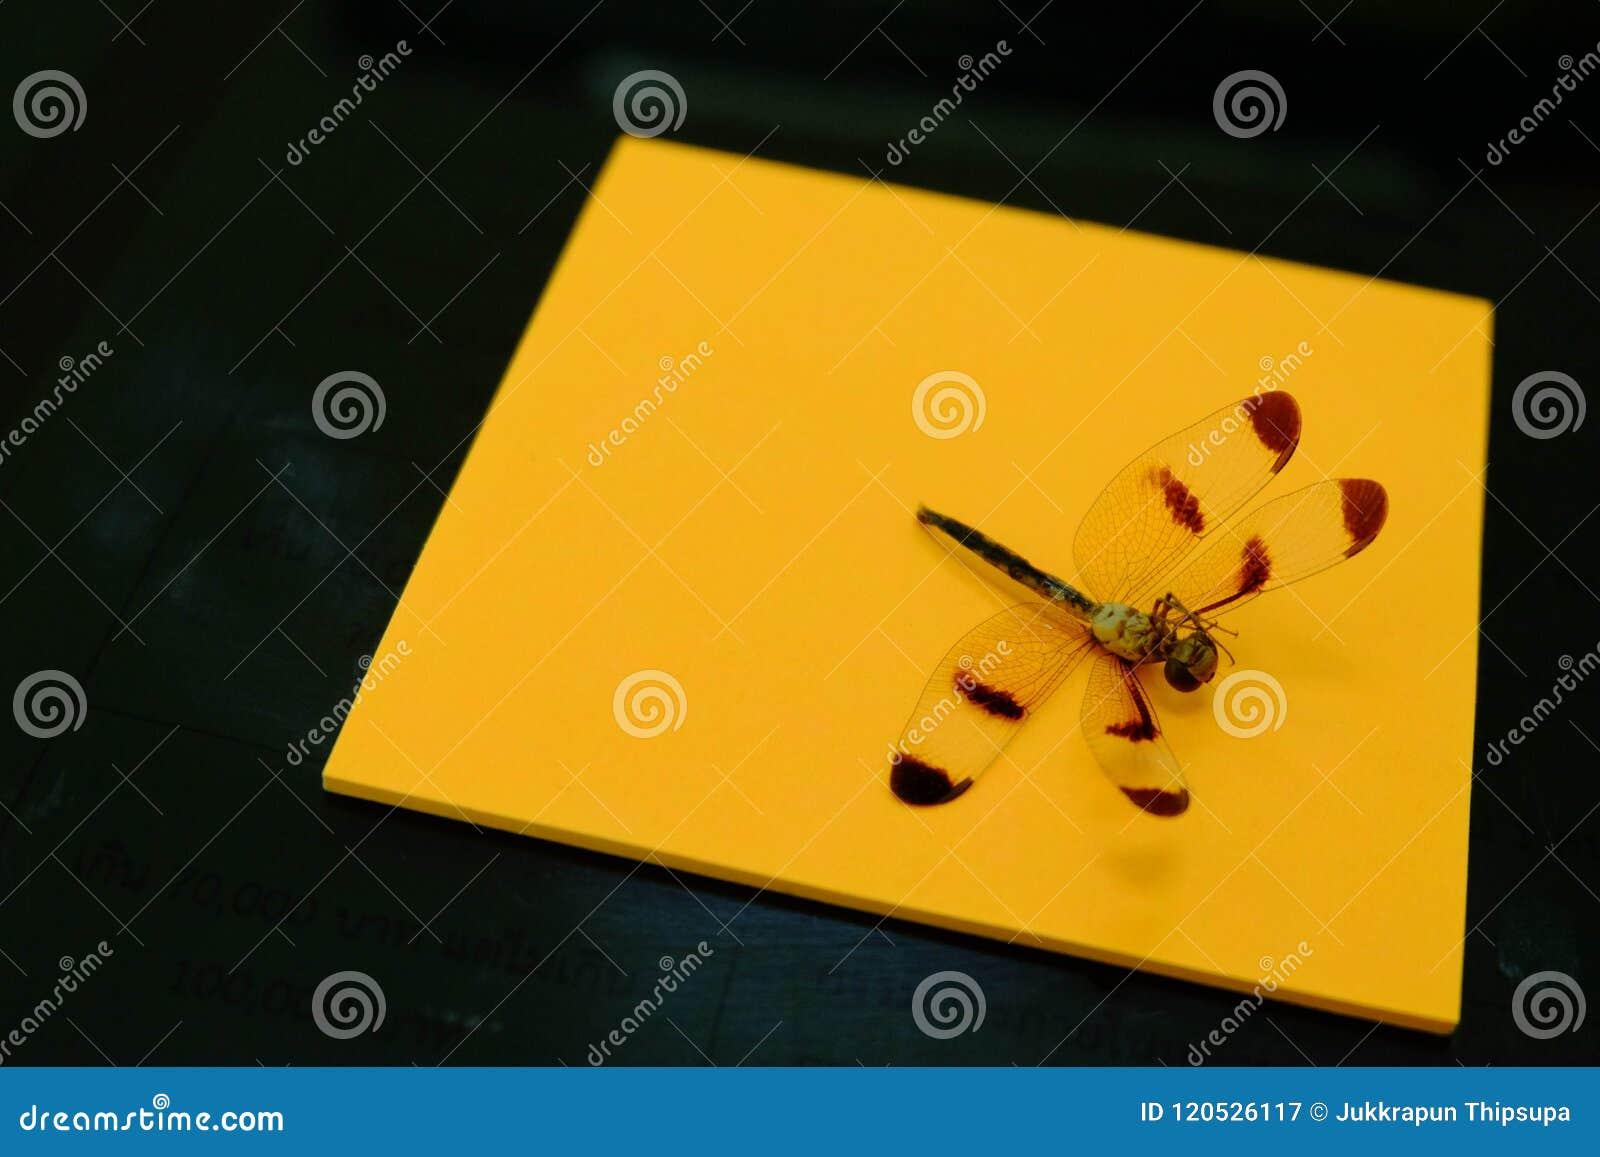 Dode Libel op het oranje document en zwarte van achtergrond